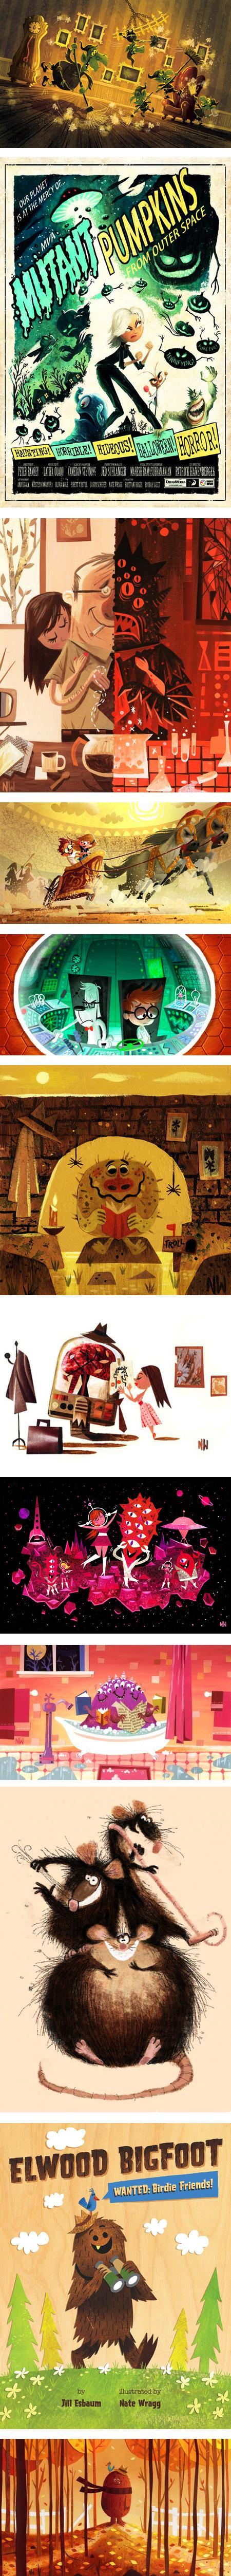 Nate Wragg, concept art, illustration